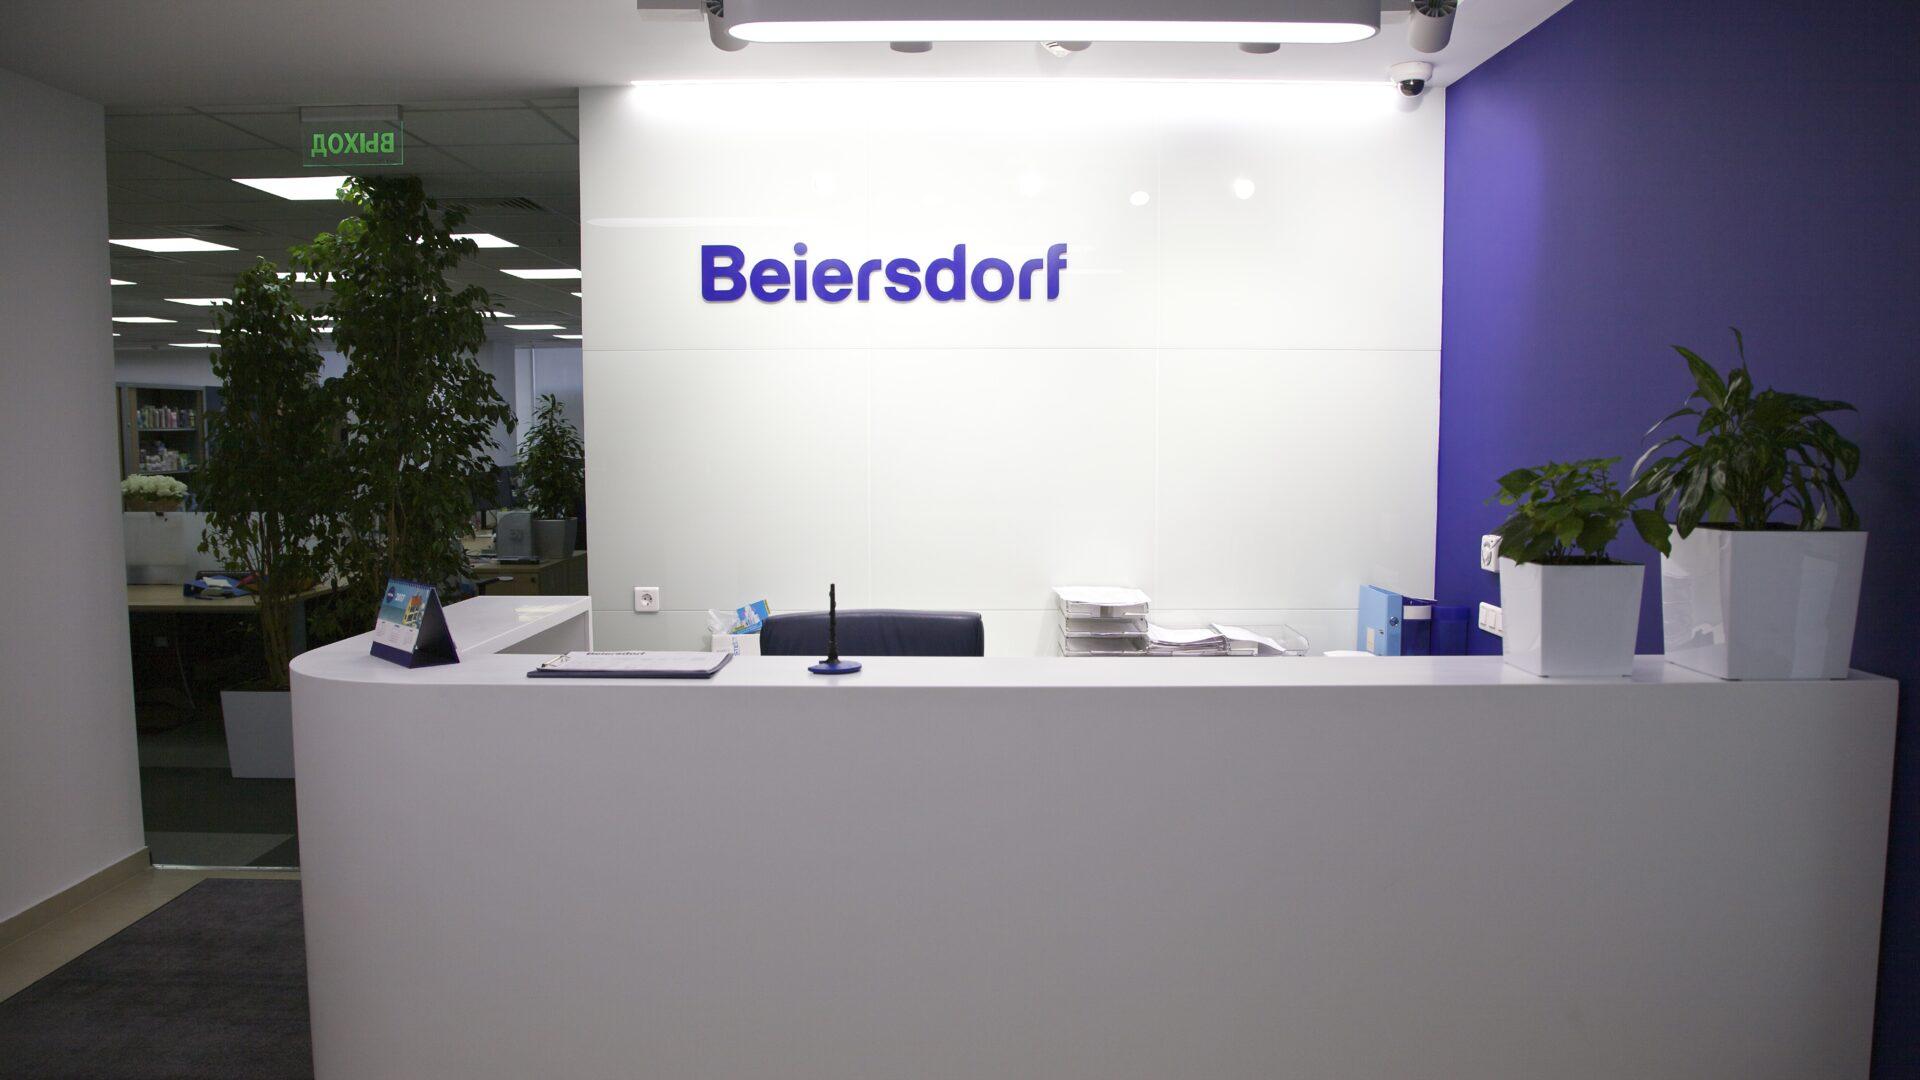 baiersdorf-05